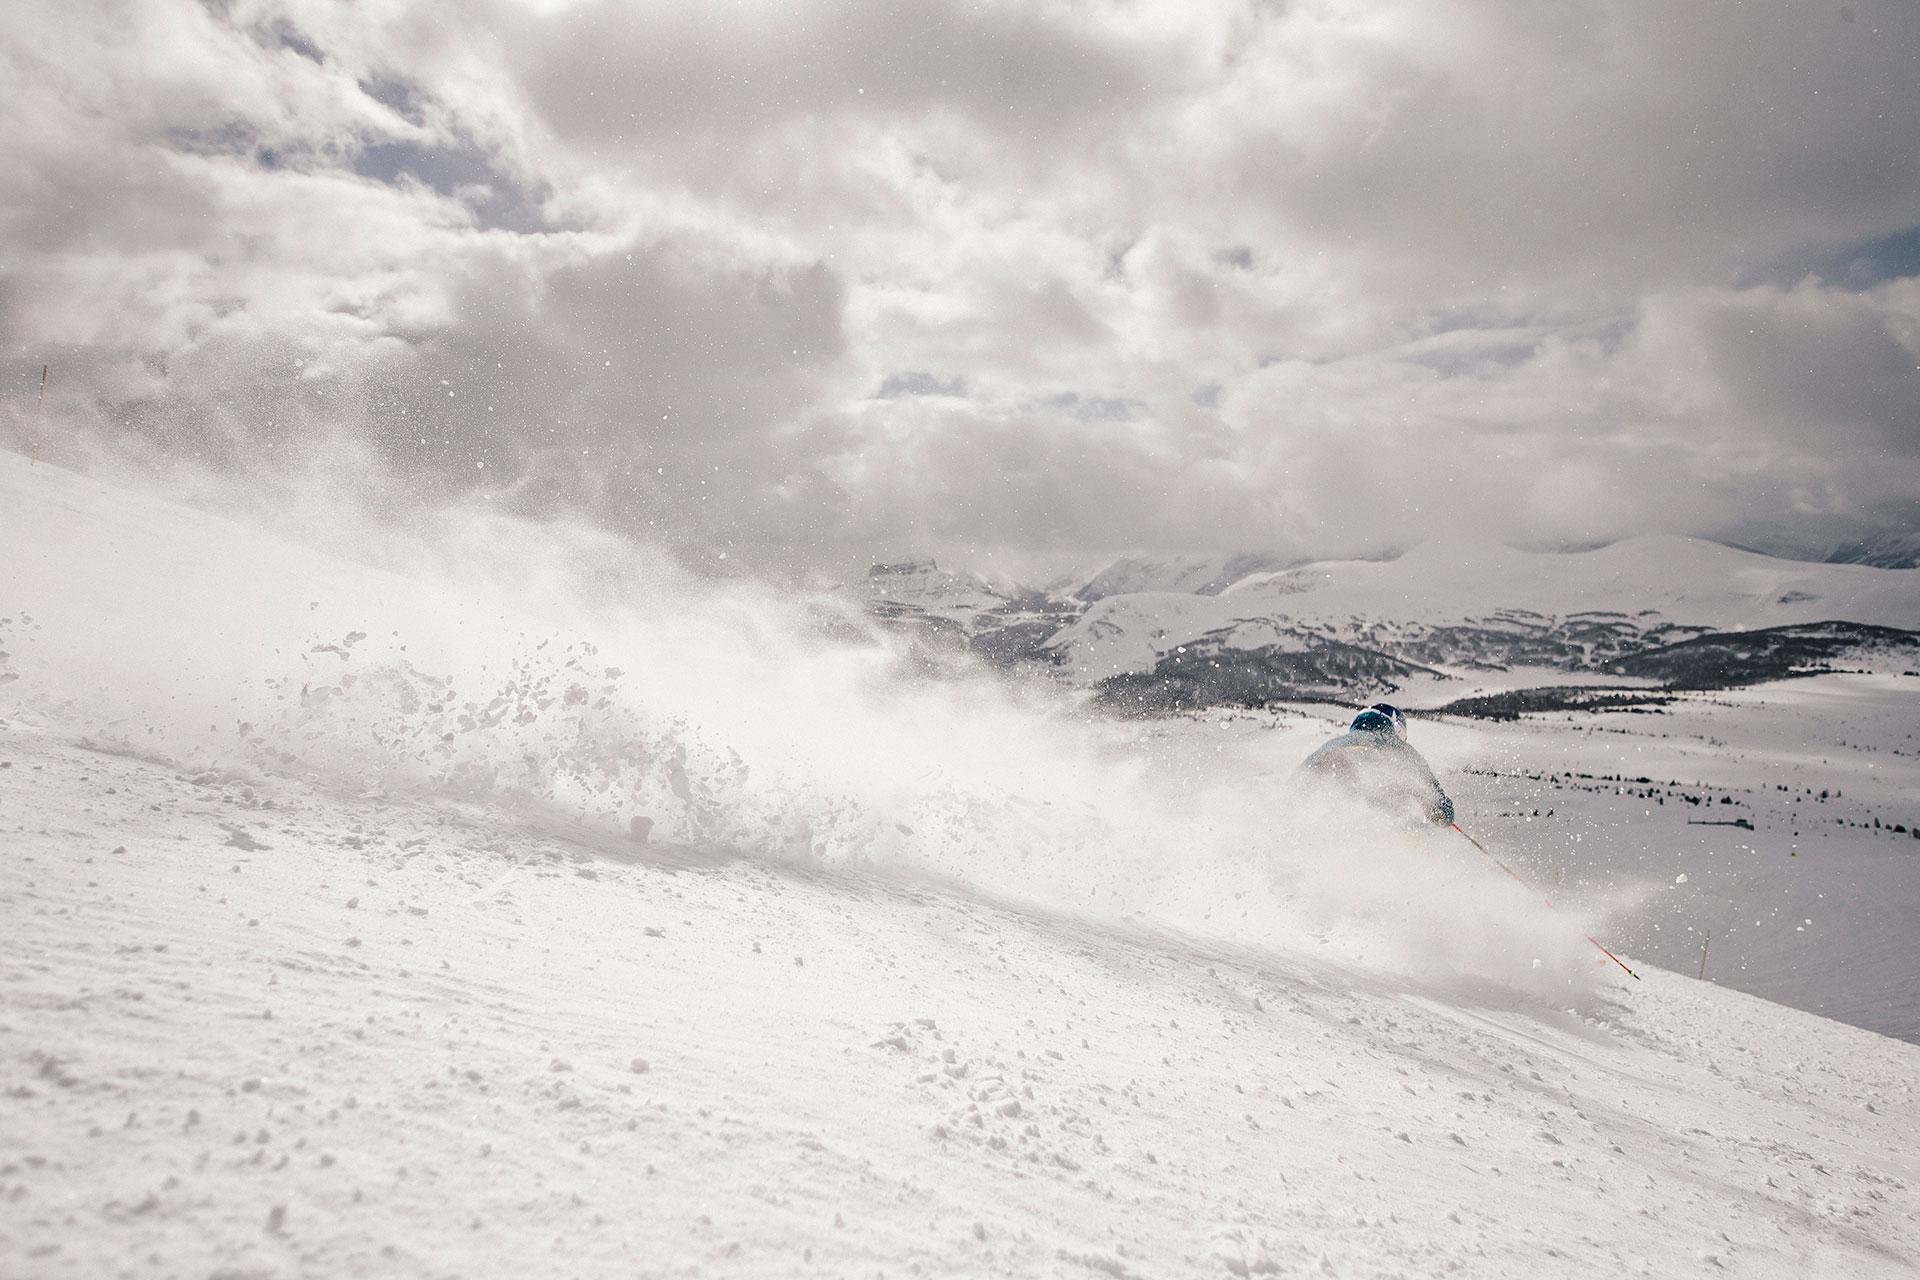 Aktion Winter Sport Fotograf Landschaft Berge Panorama Alpen Zürich Schweiz